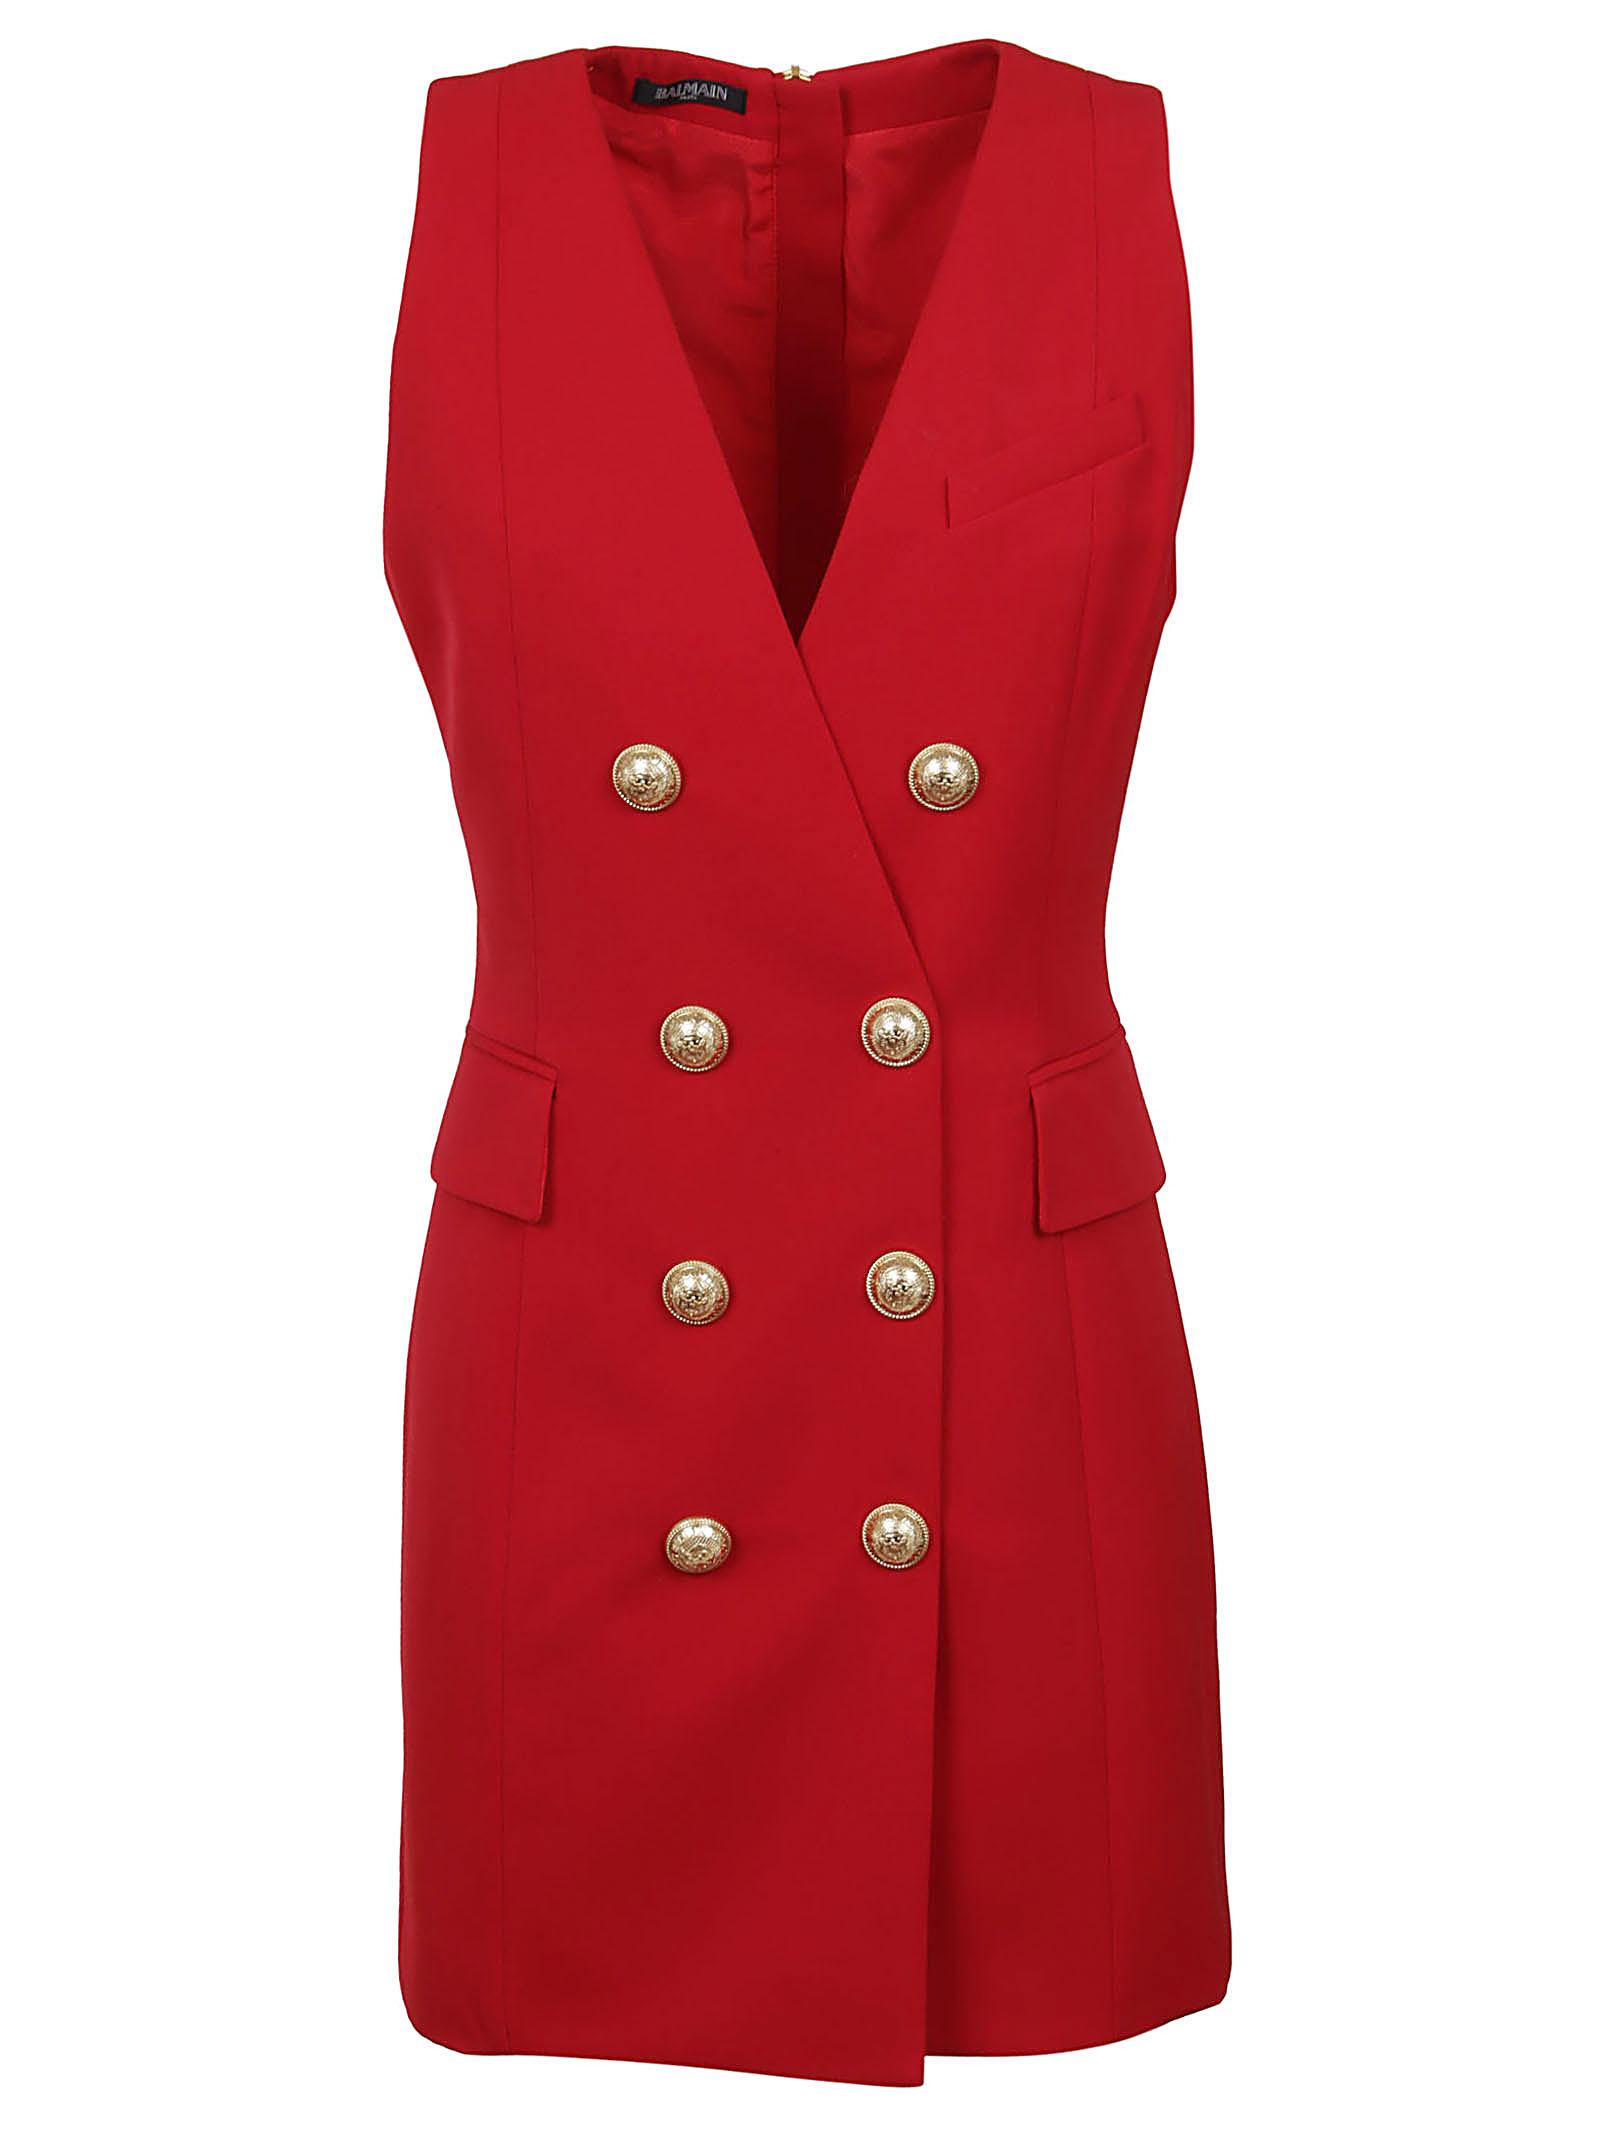 Balmain Short Sleeveless 8 Btn Wool Dress